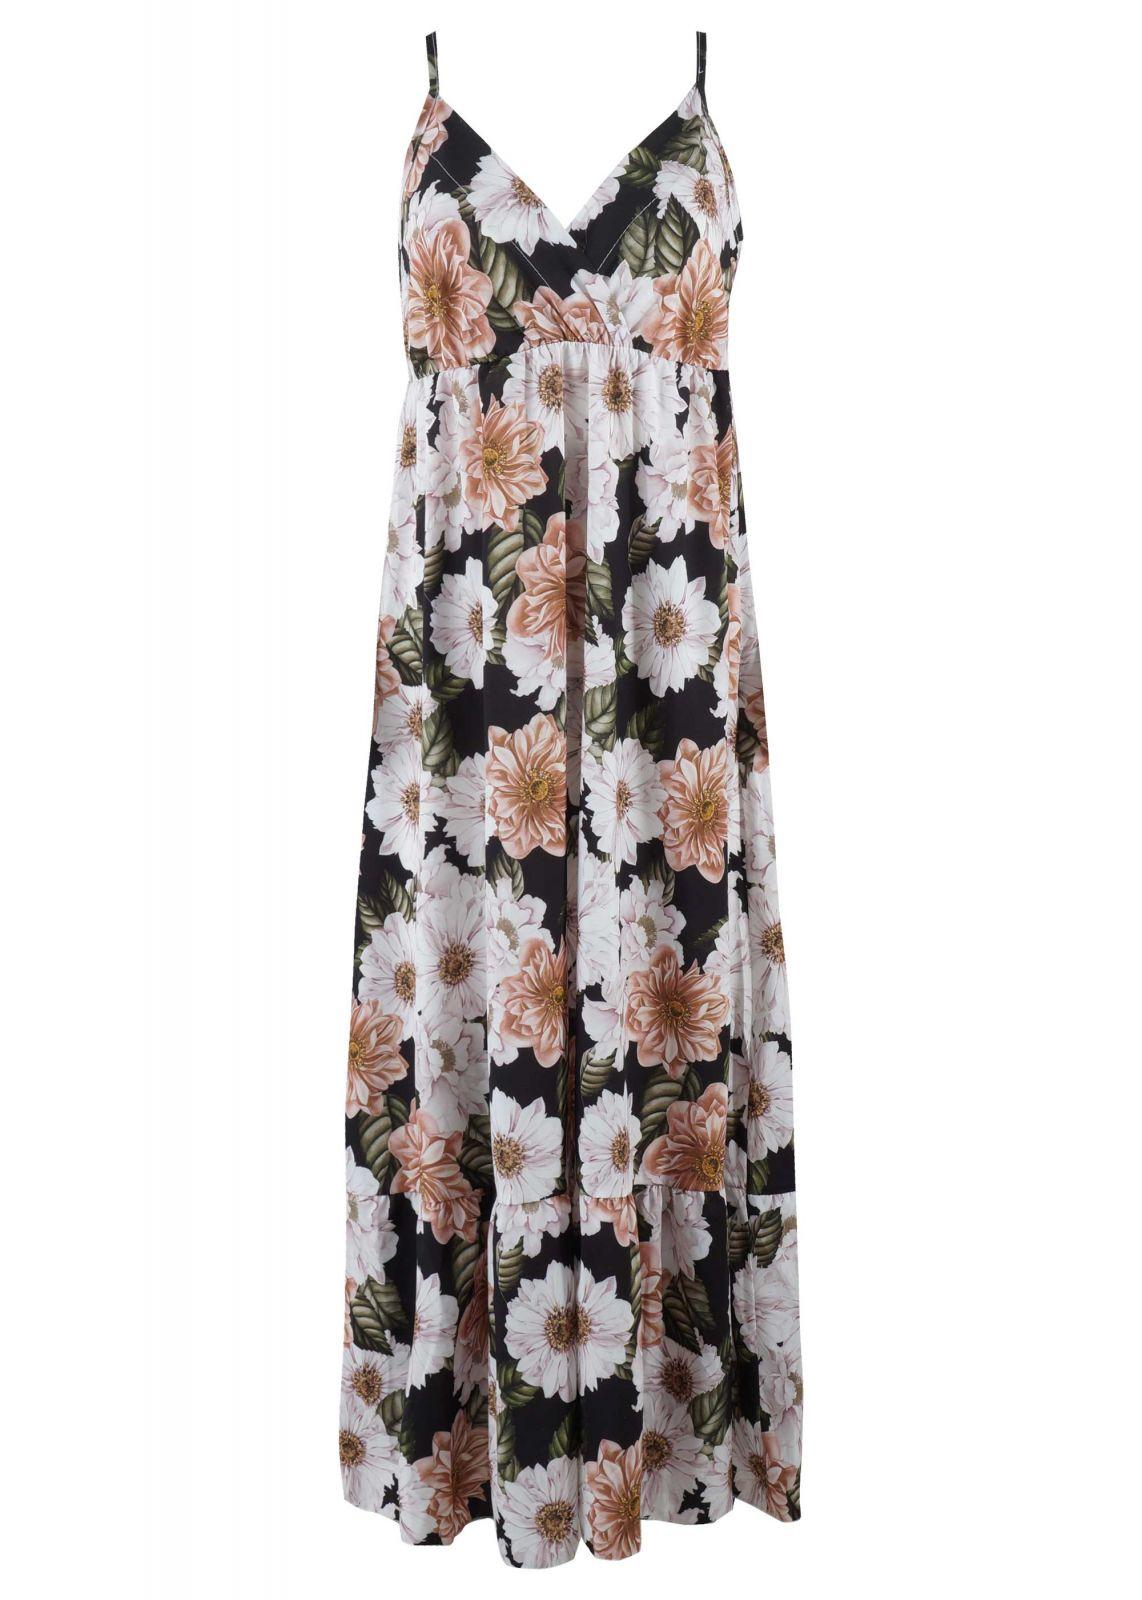 Γυναικείο maxi κρουαζέ φόρεμα all print floral FLORAL